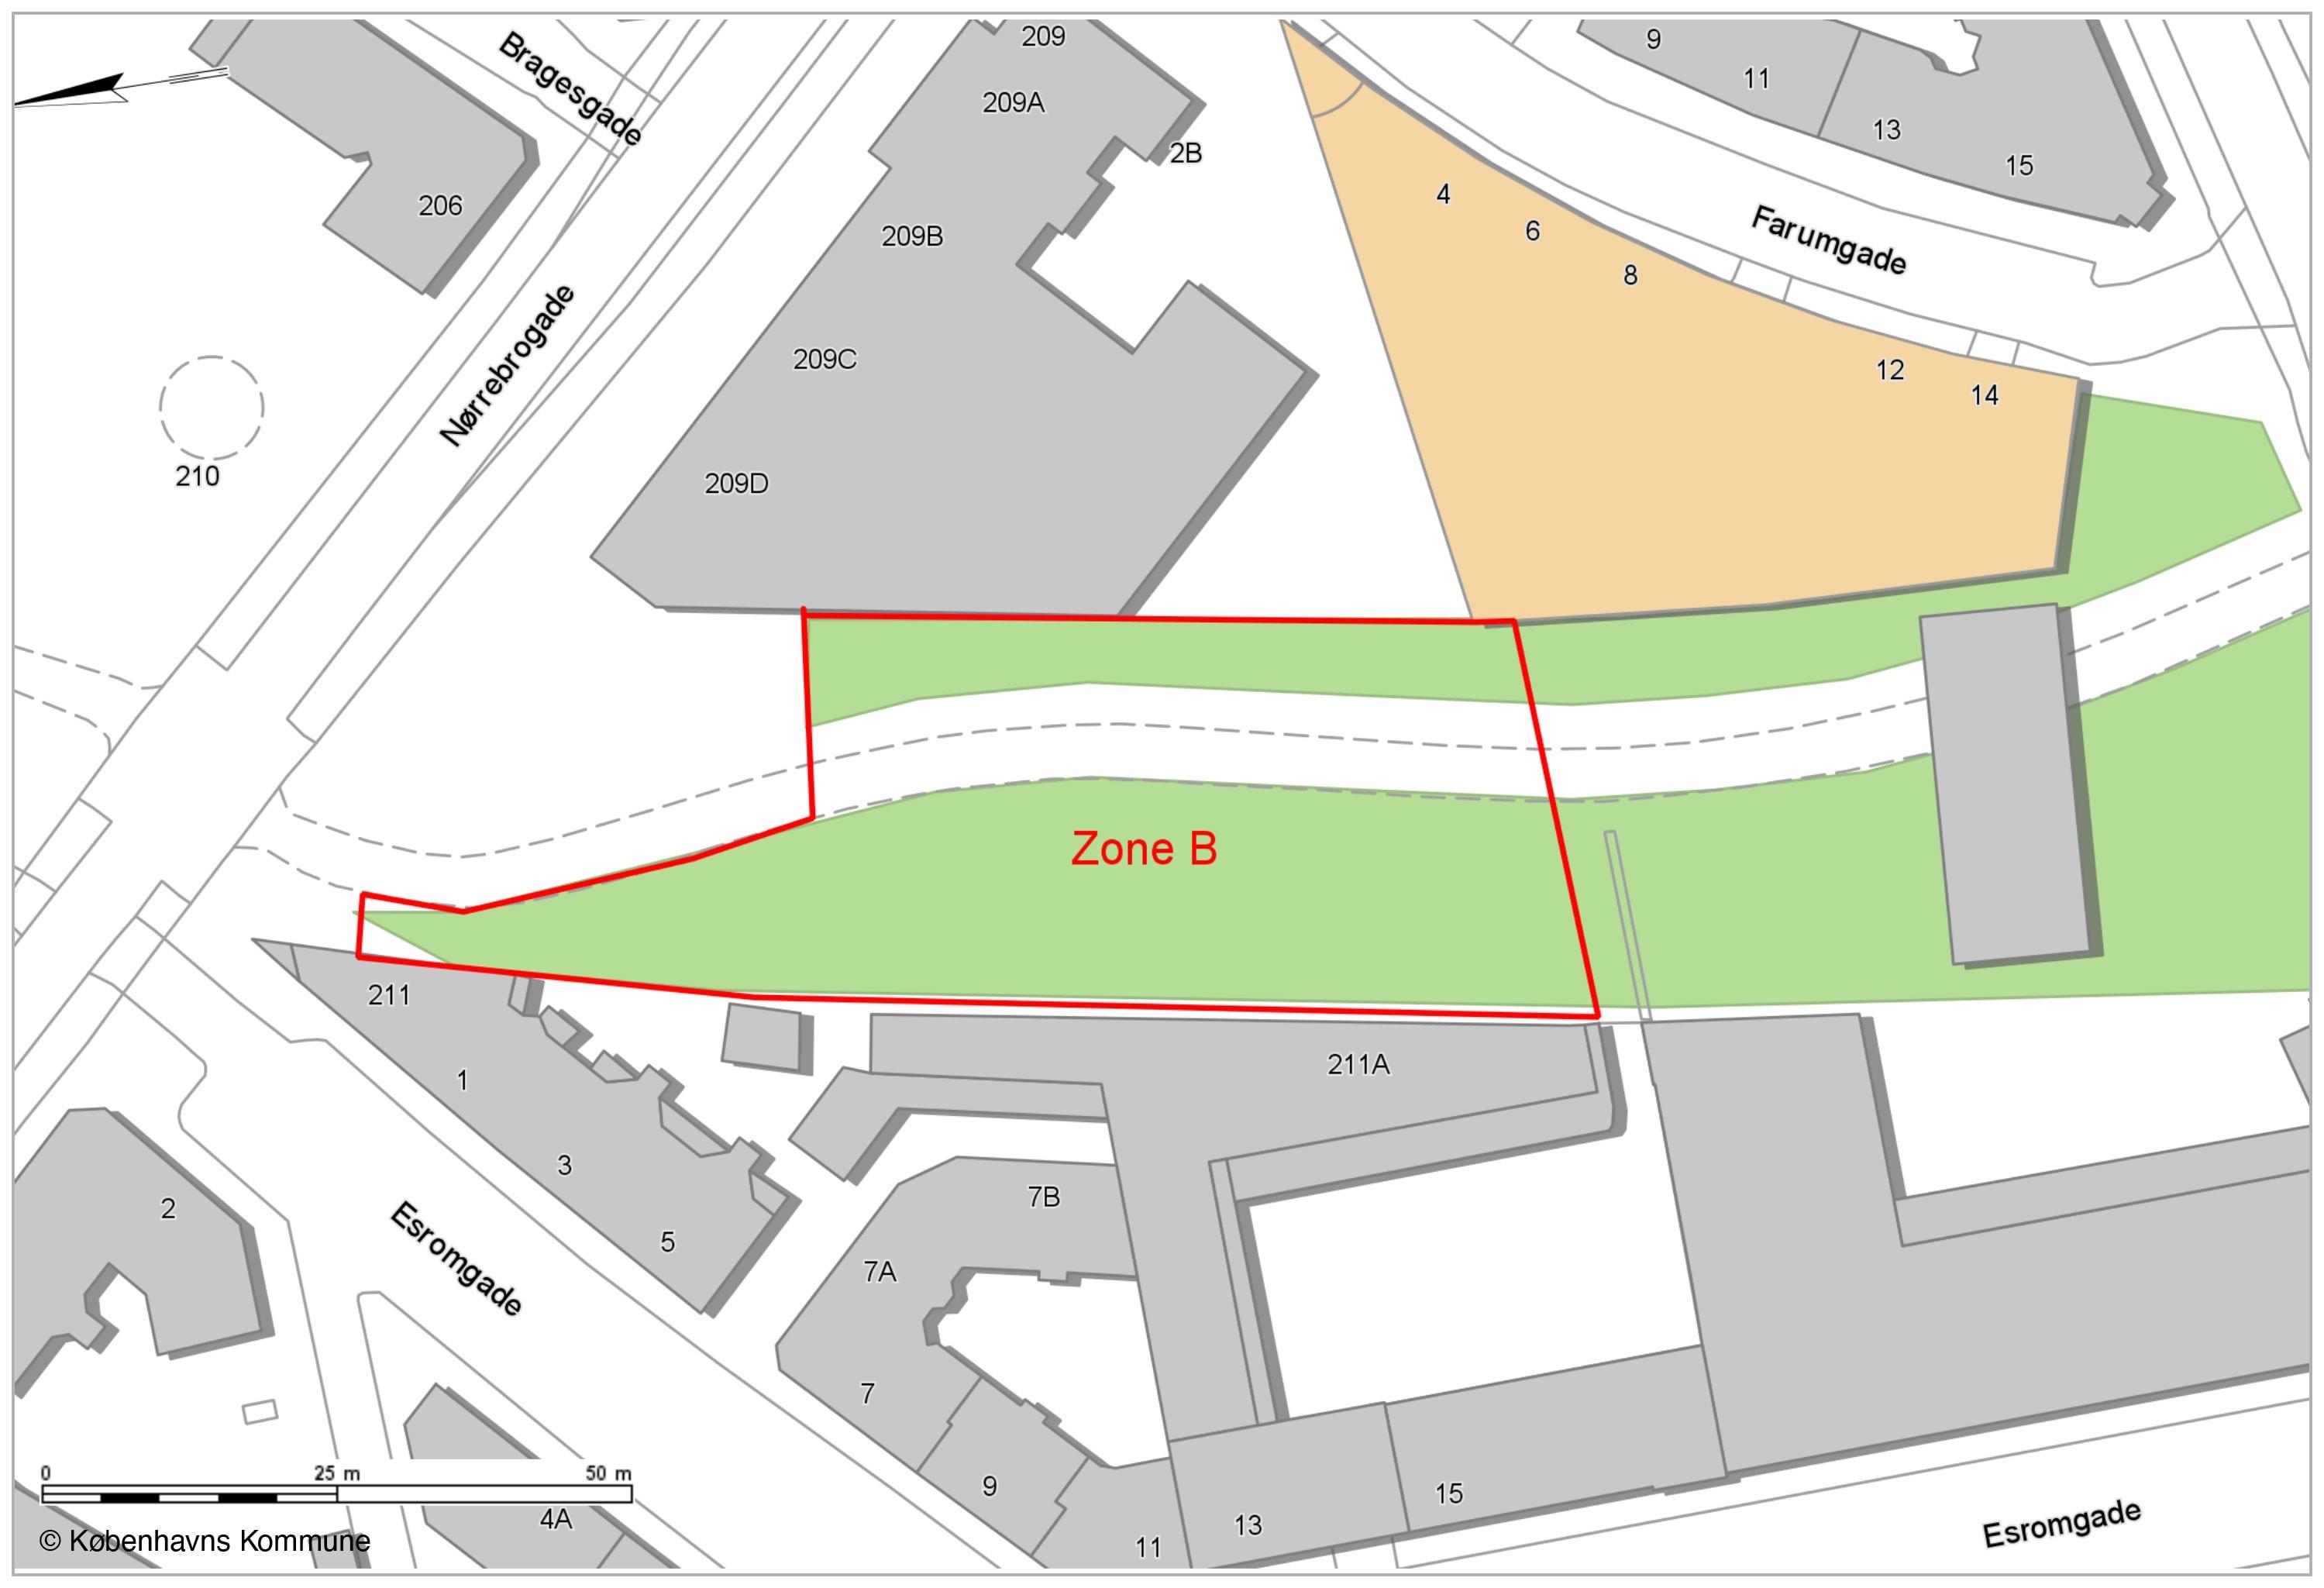 Opholdsforbud Nørrebro Skatepark zone B